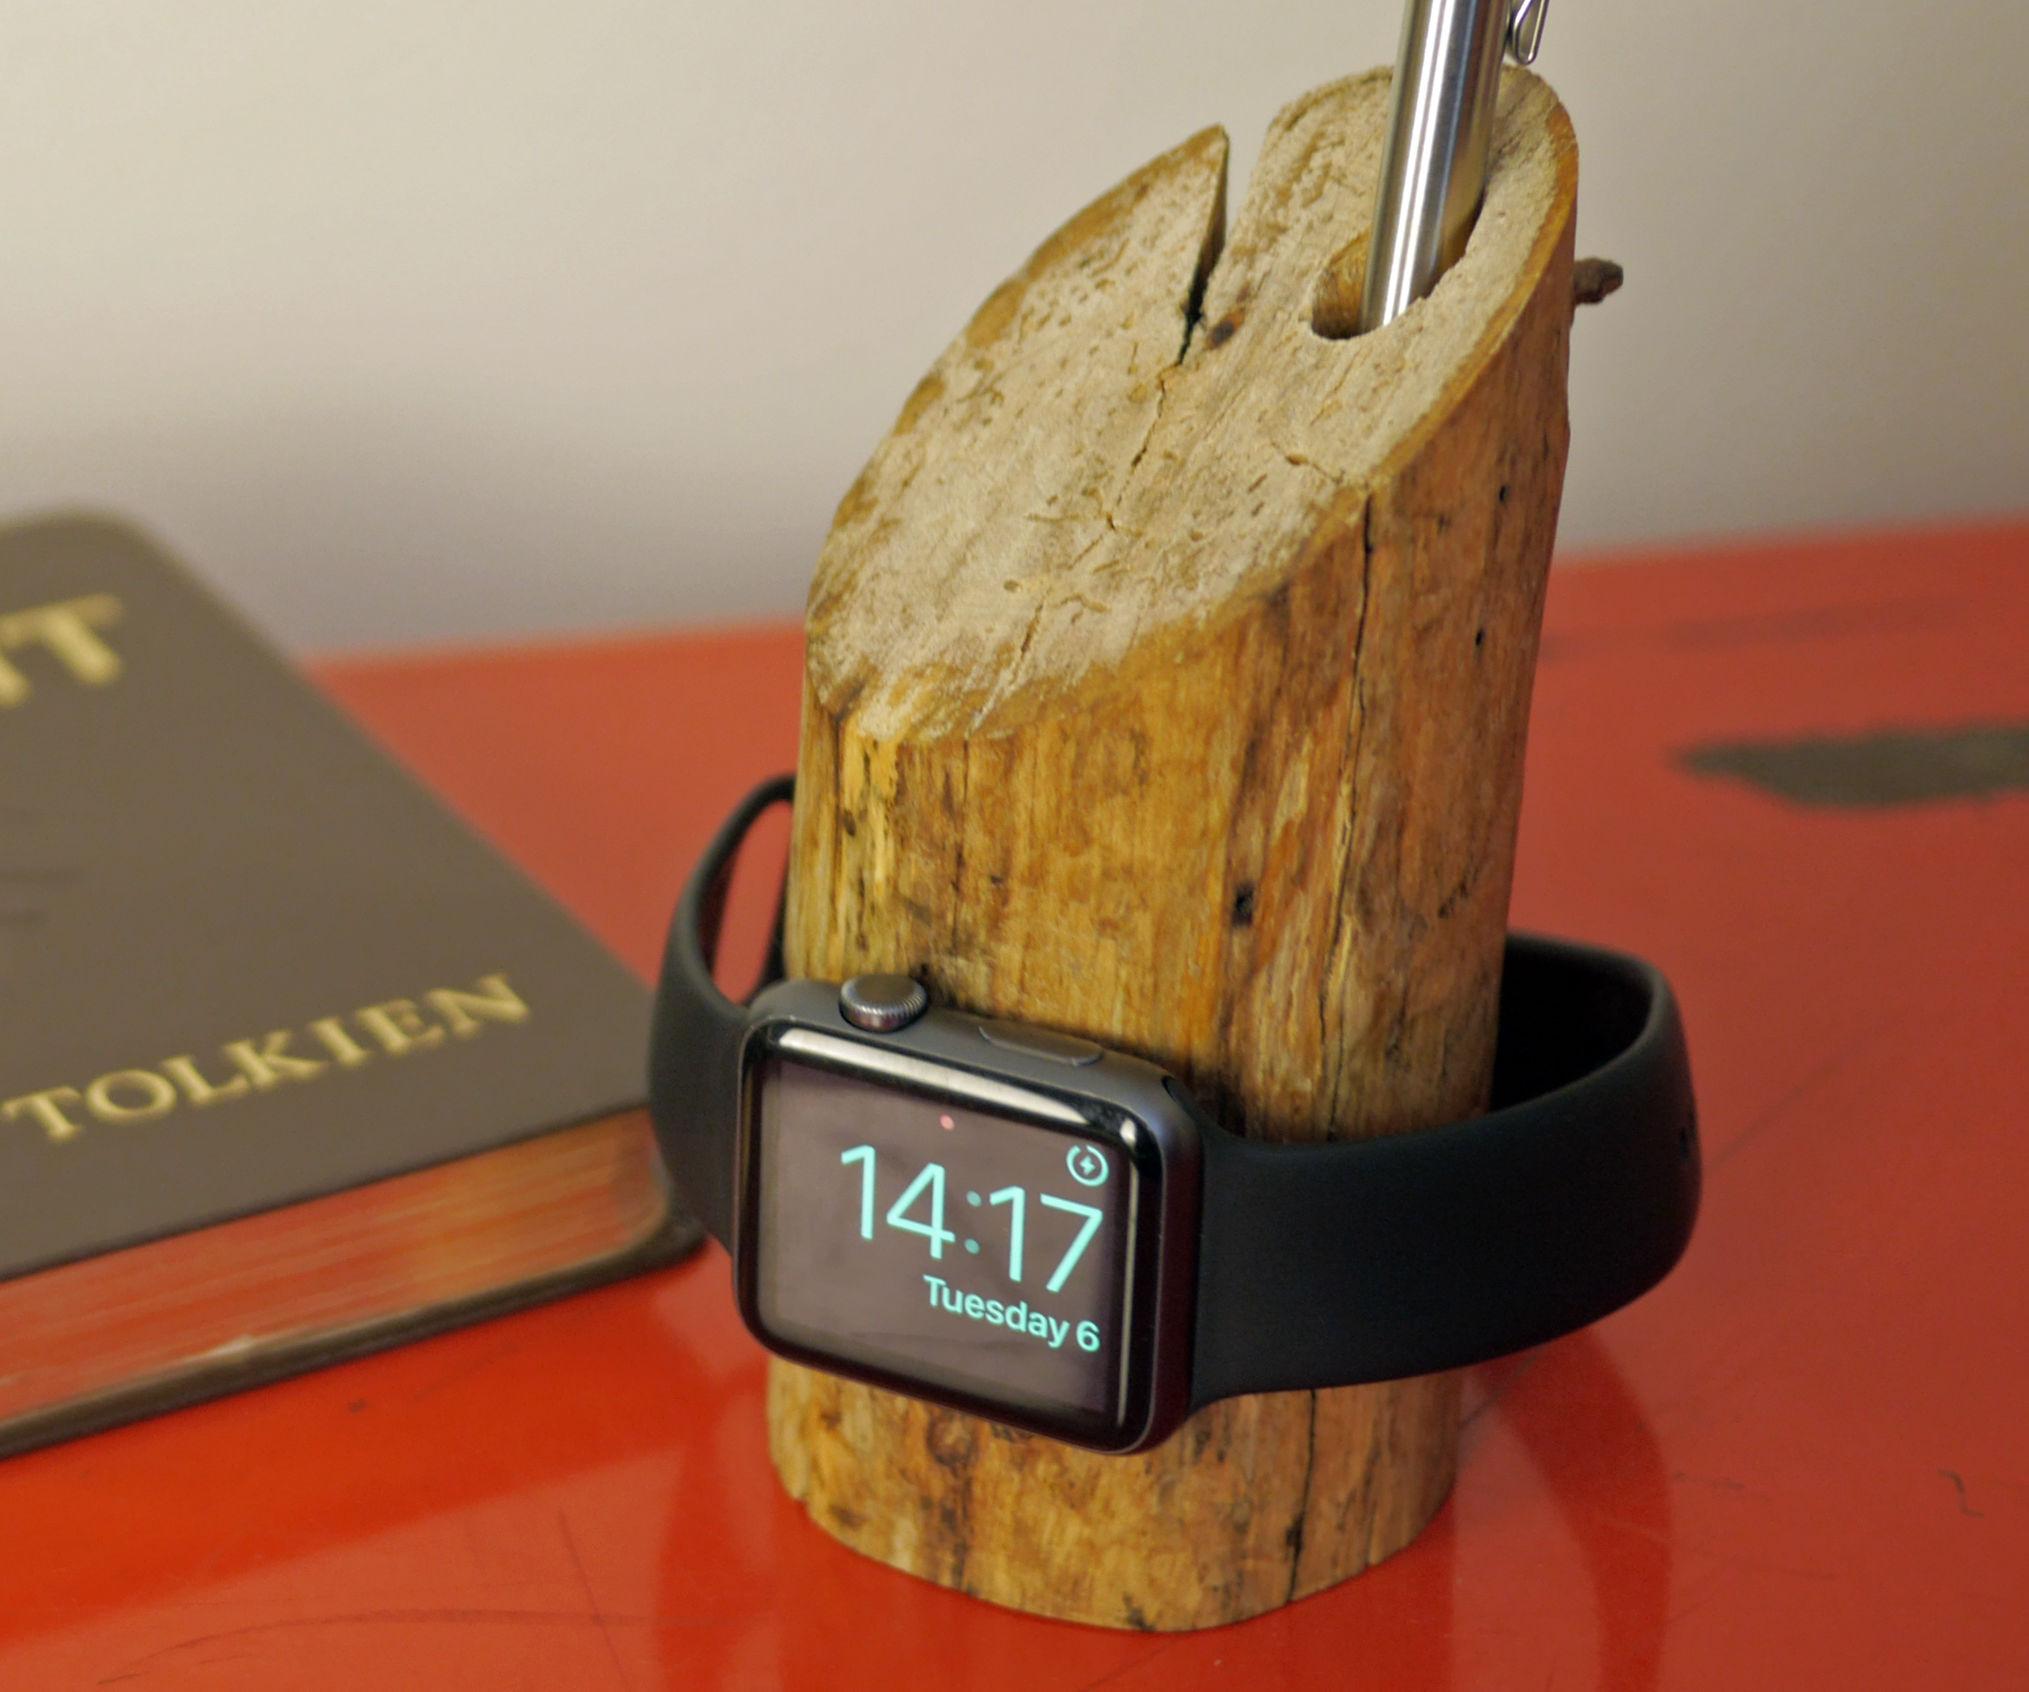 A Rustic Apple Watch Dock